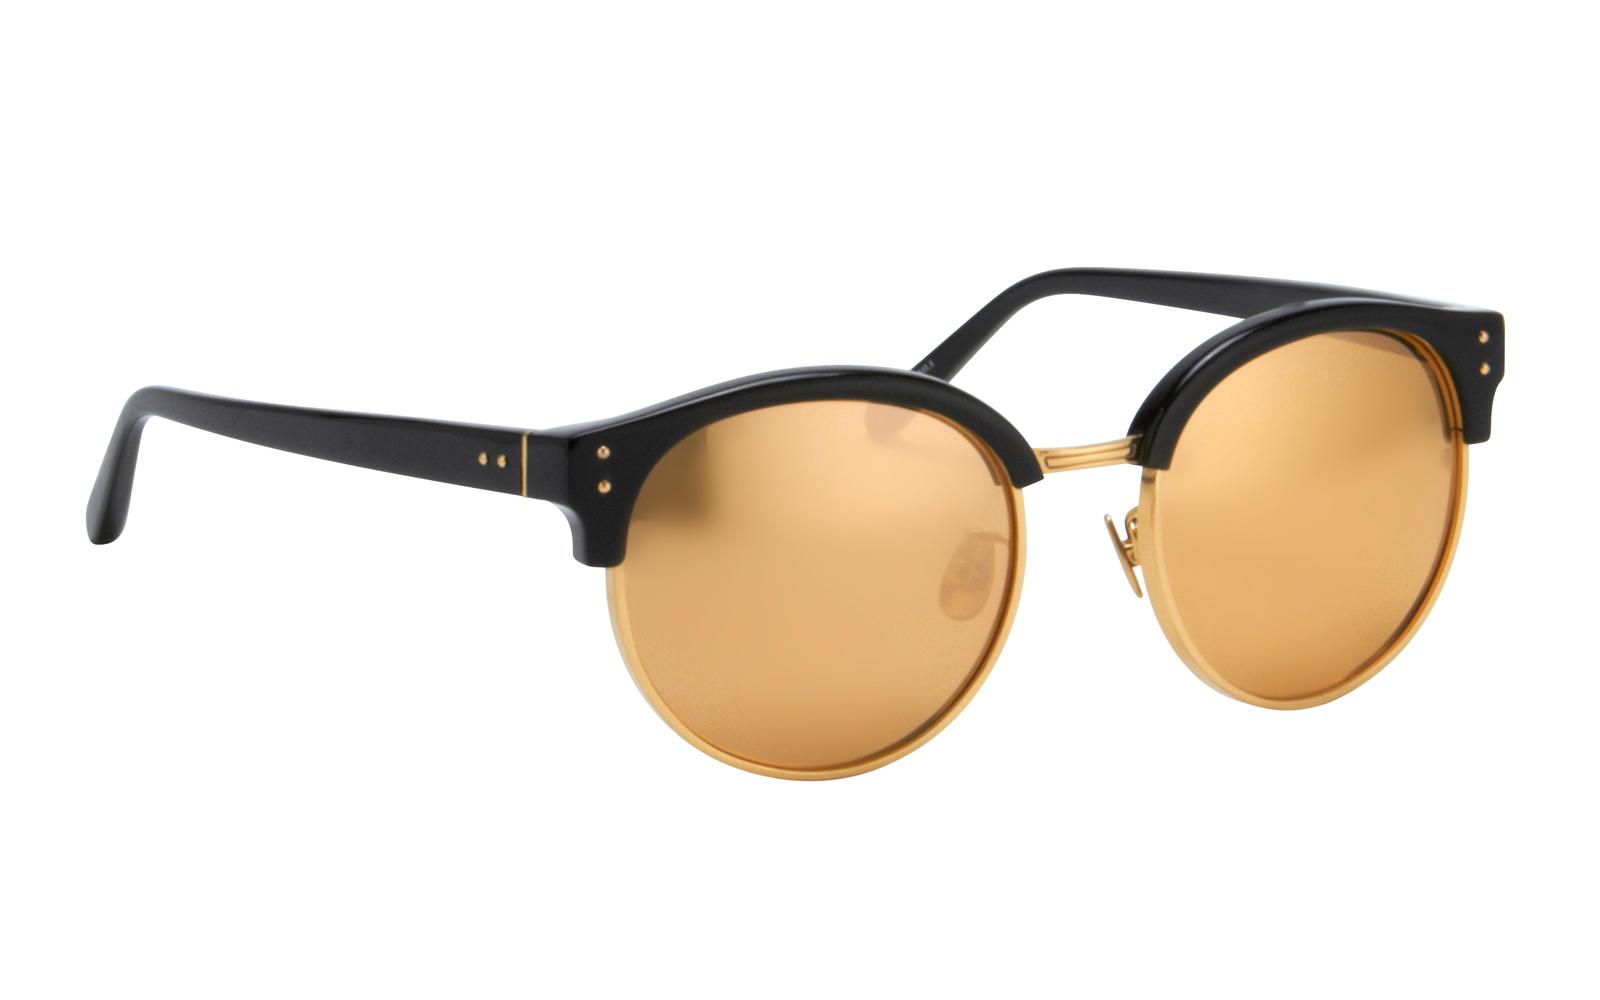 Linda Farrow Luxe 292 C7 Sunglasses | sunglasscurator.com